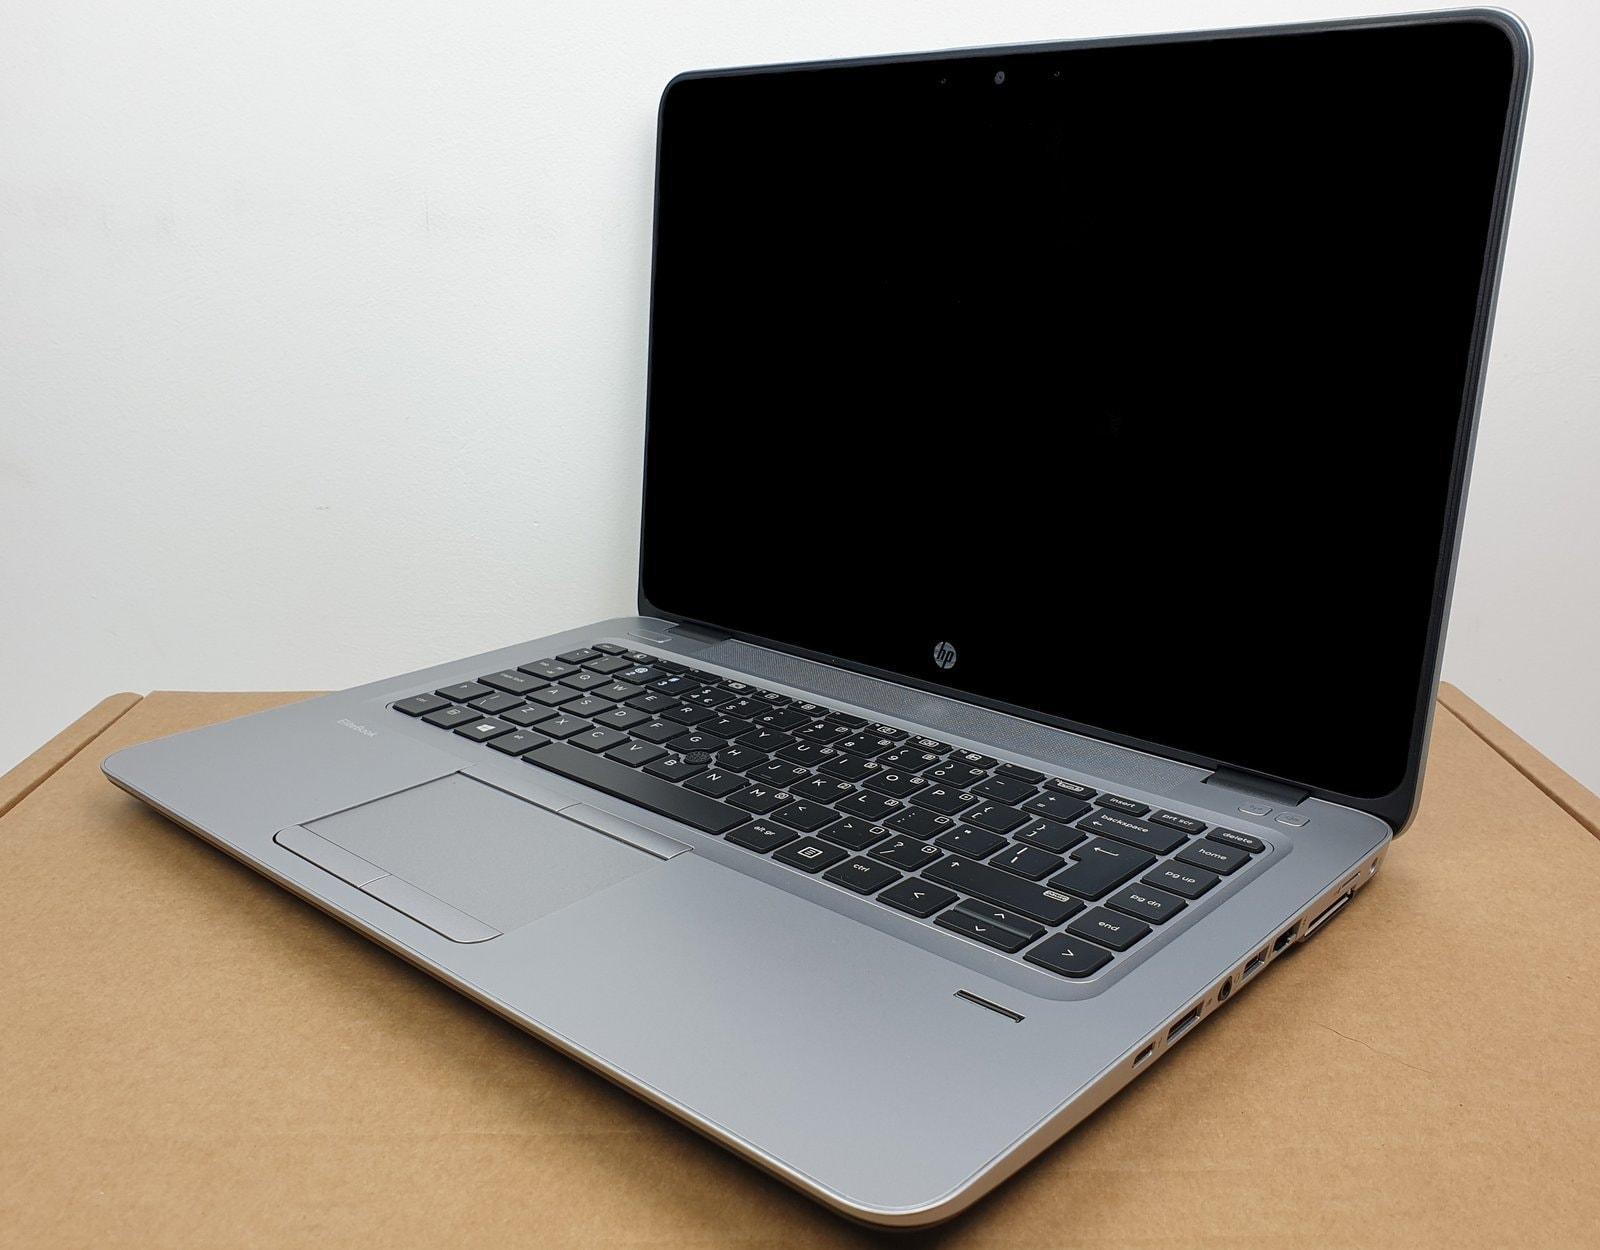 Laptop HP EliteBook 840 G3 i7 - 6 generacji / 16 GB / 240 GB SSD / 14 FullHD DOTYK / Klasa A- - 4